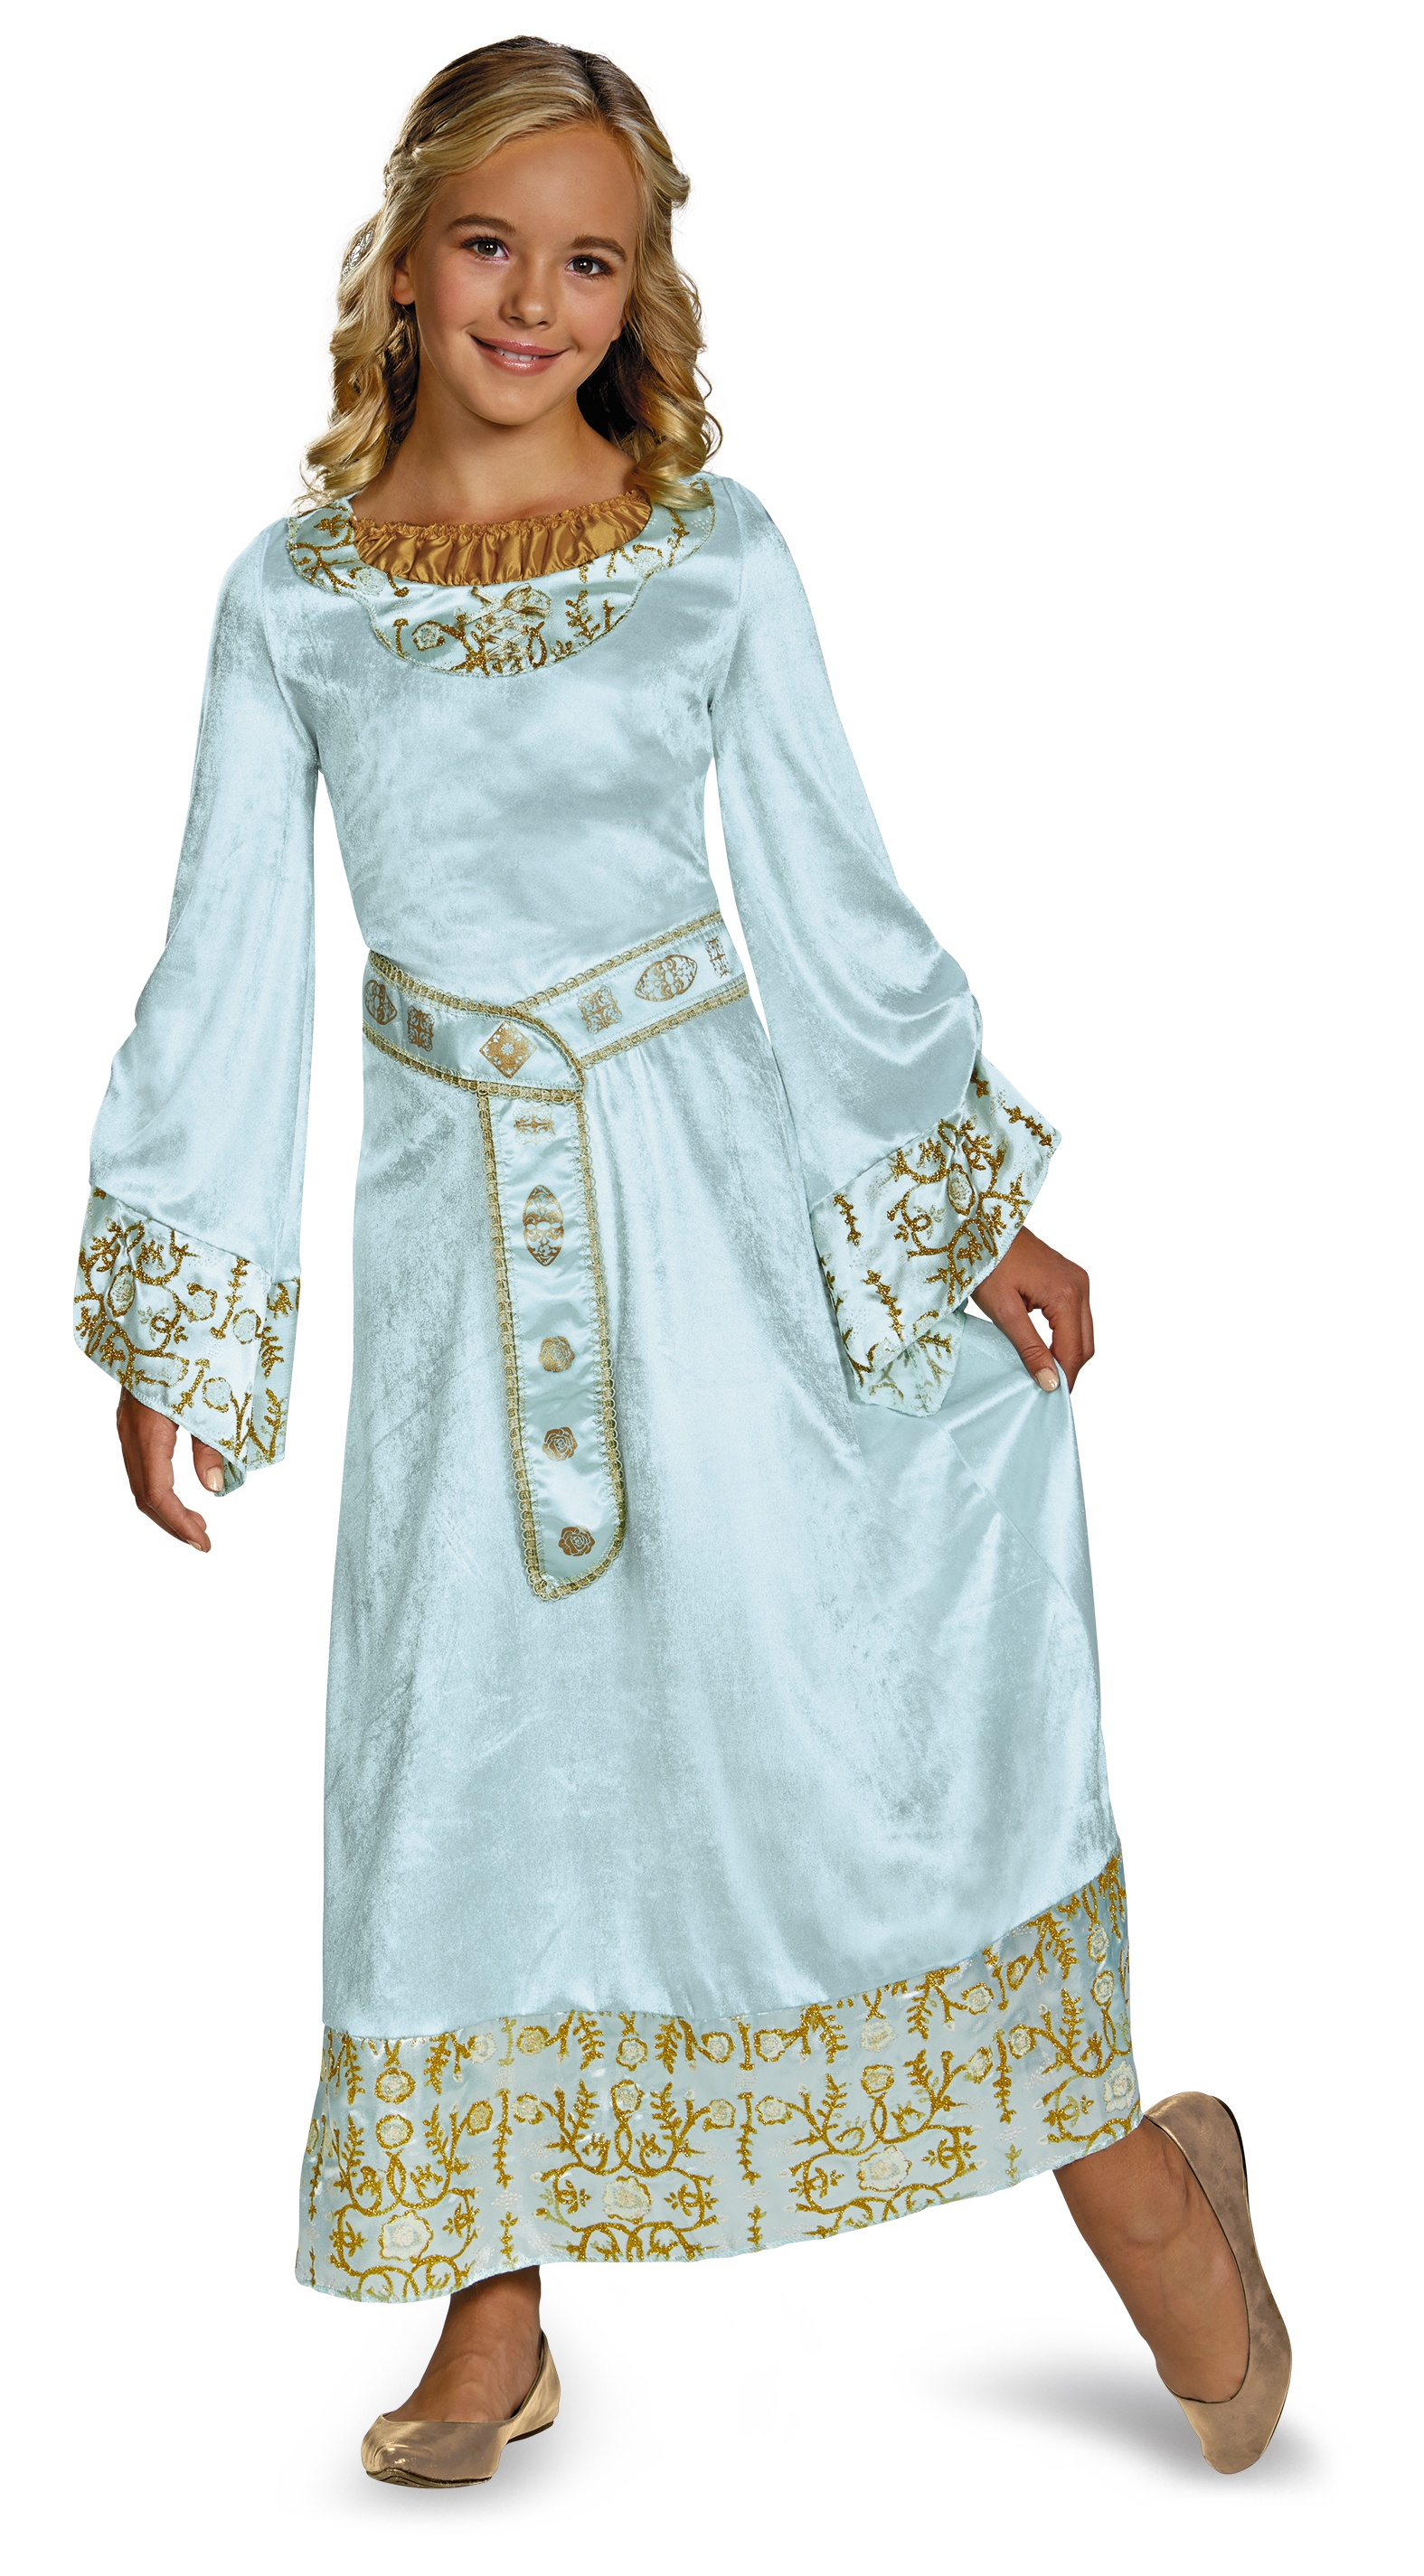 disney princess aurora kids costume